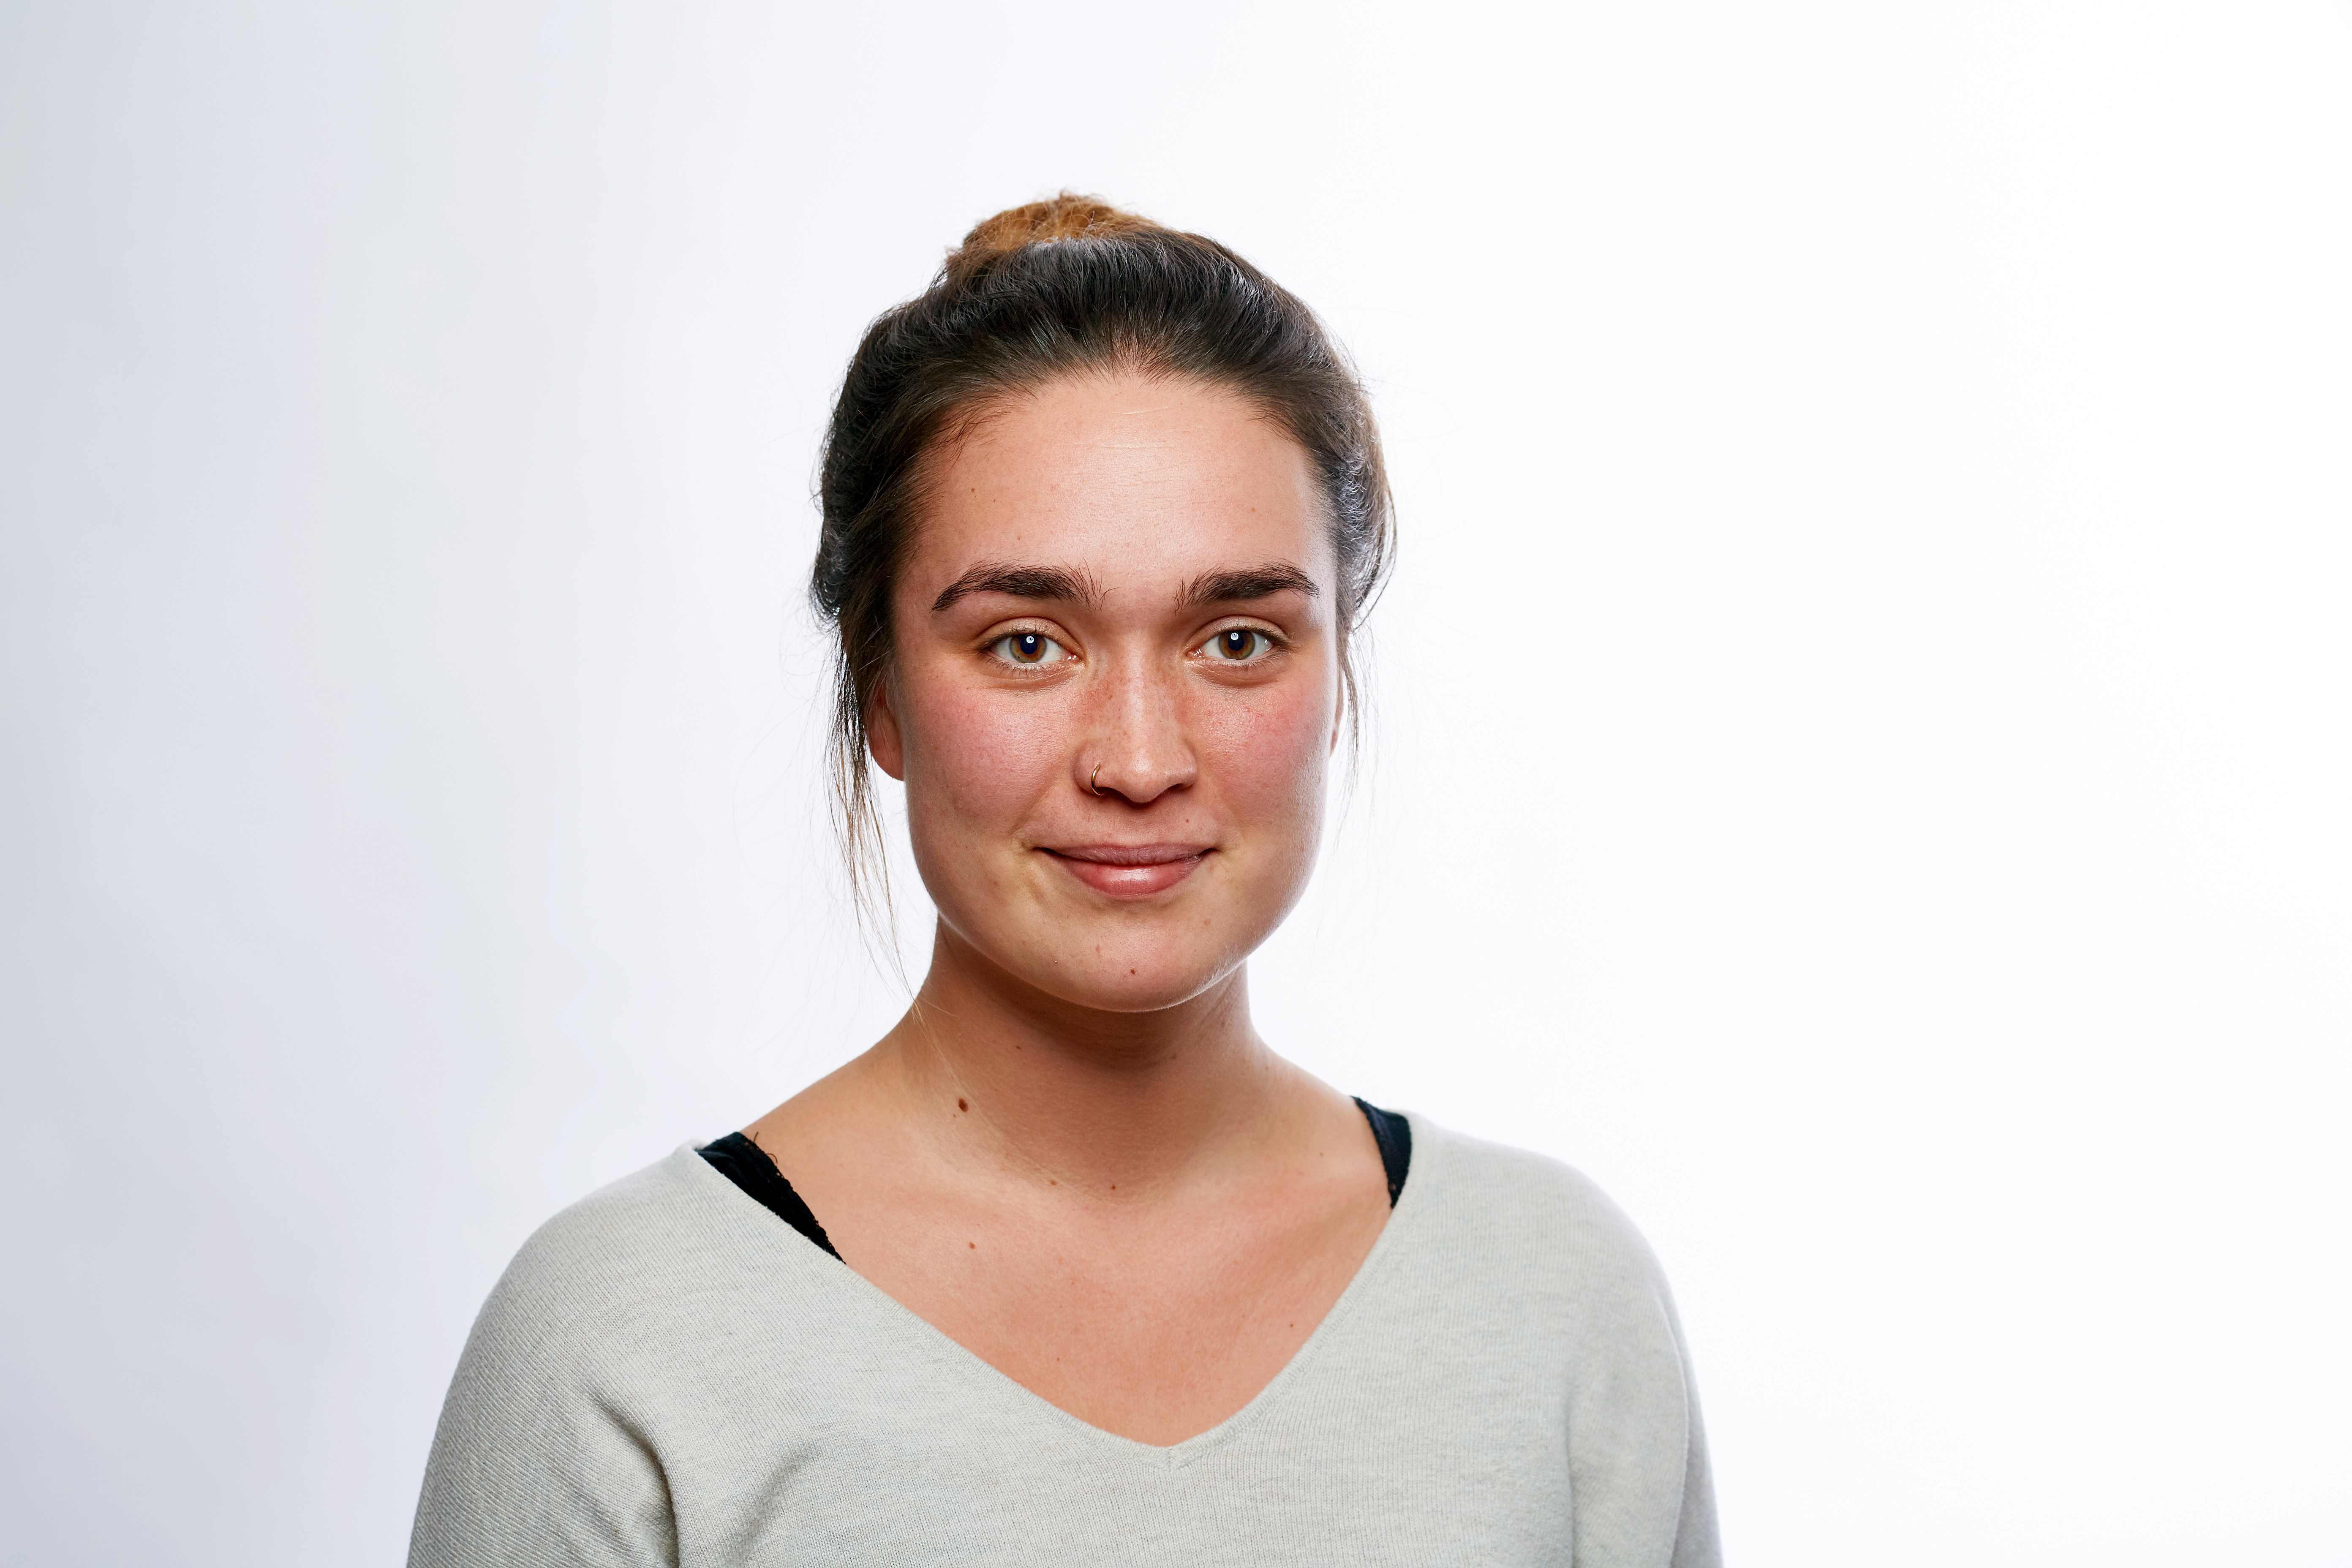 Annika May